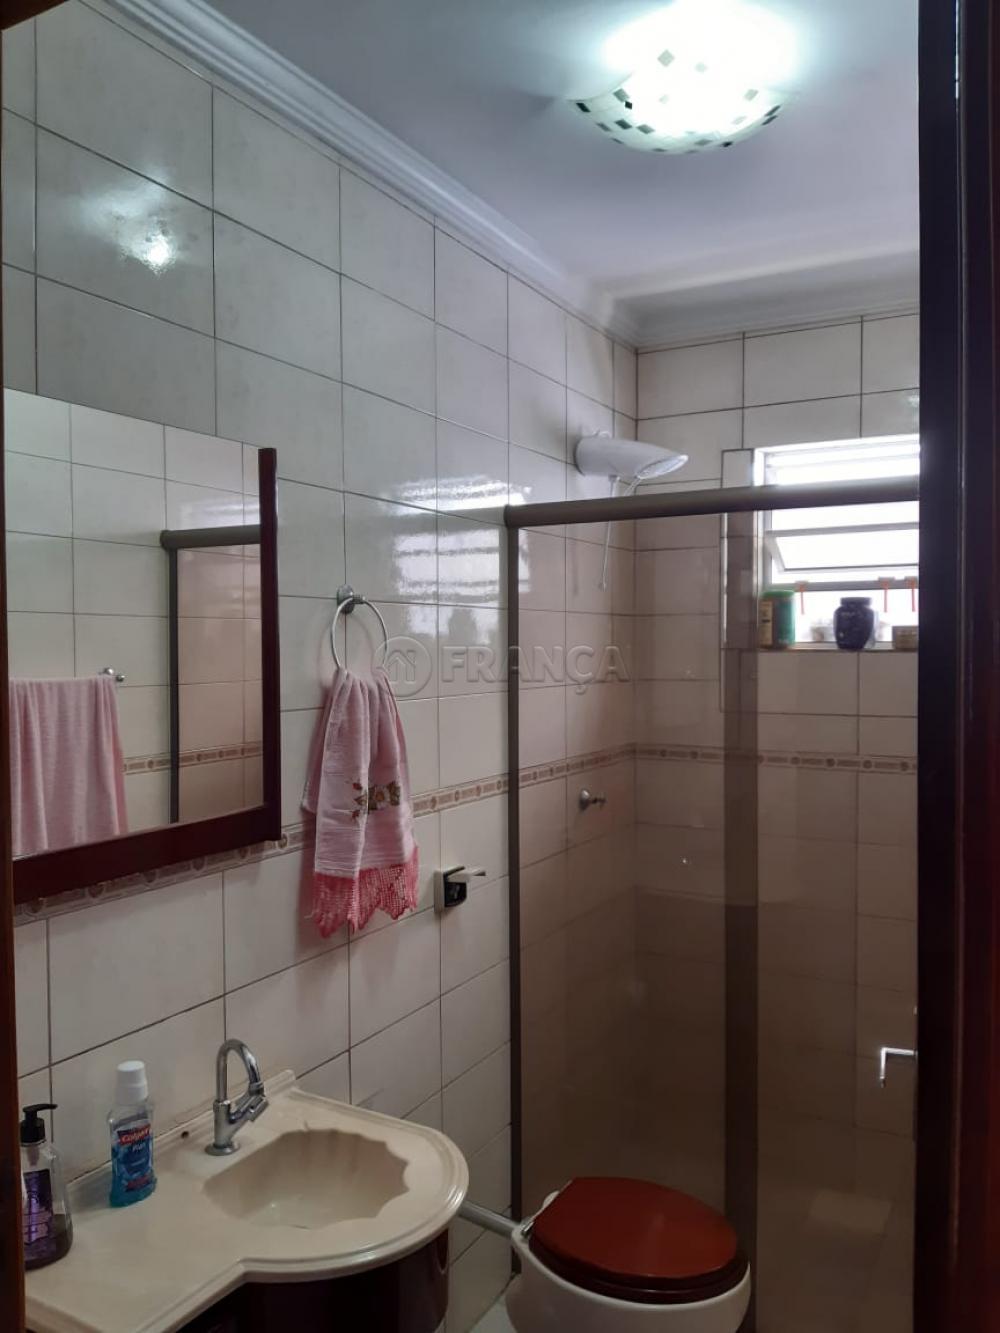 Comprar Casa / Padrão em Jacareí apenas R$ 350.000,00 - Foto 18